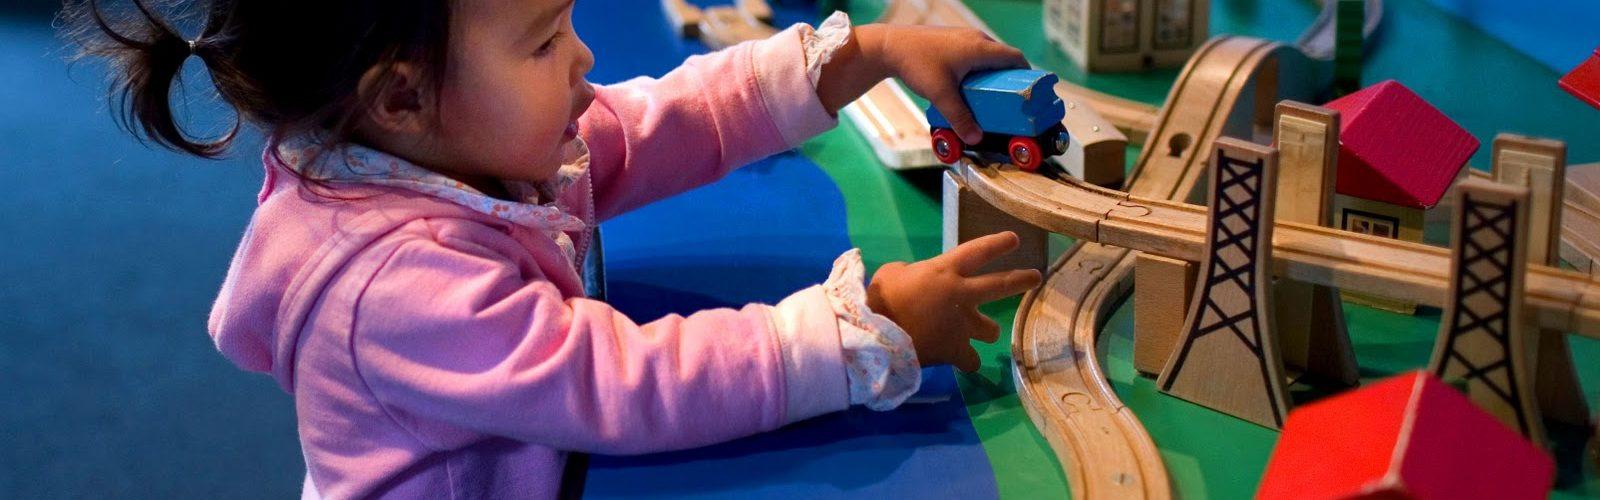 activite-interieur-educatif-enfant-san-francisco-une